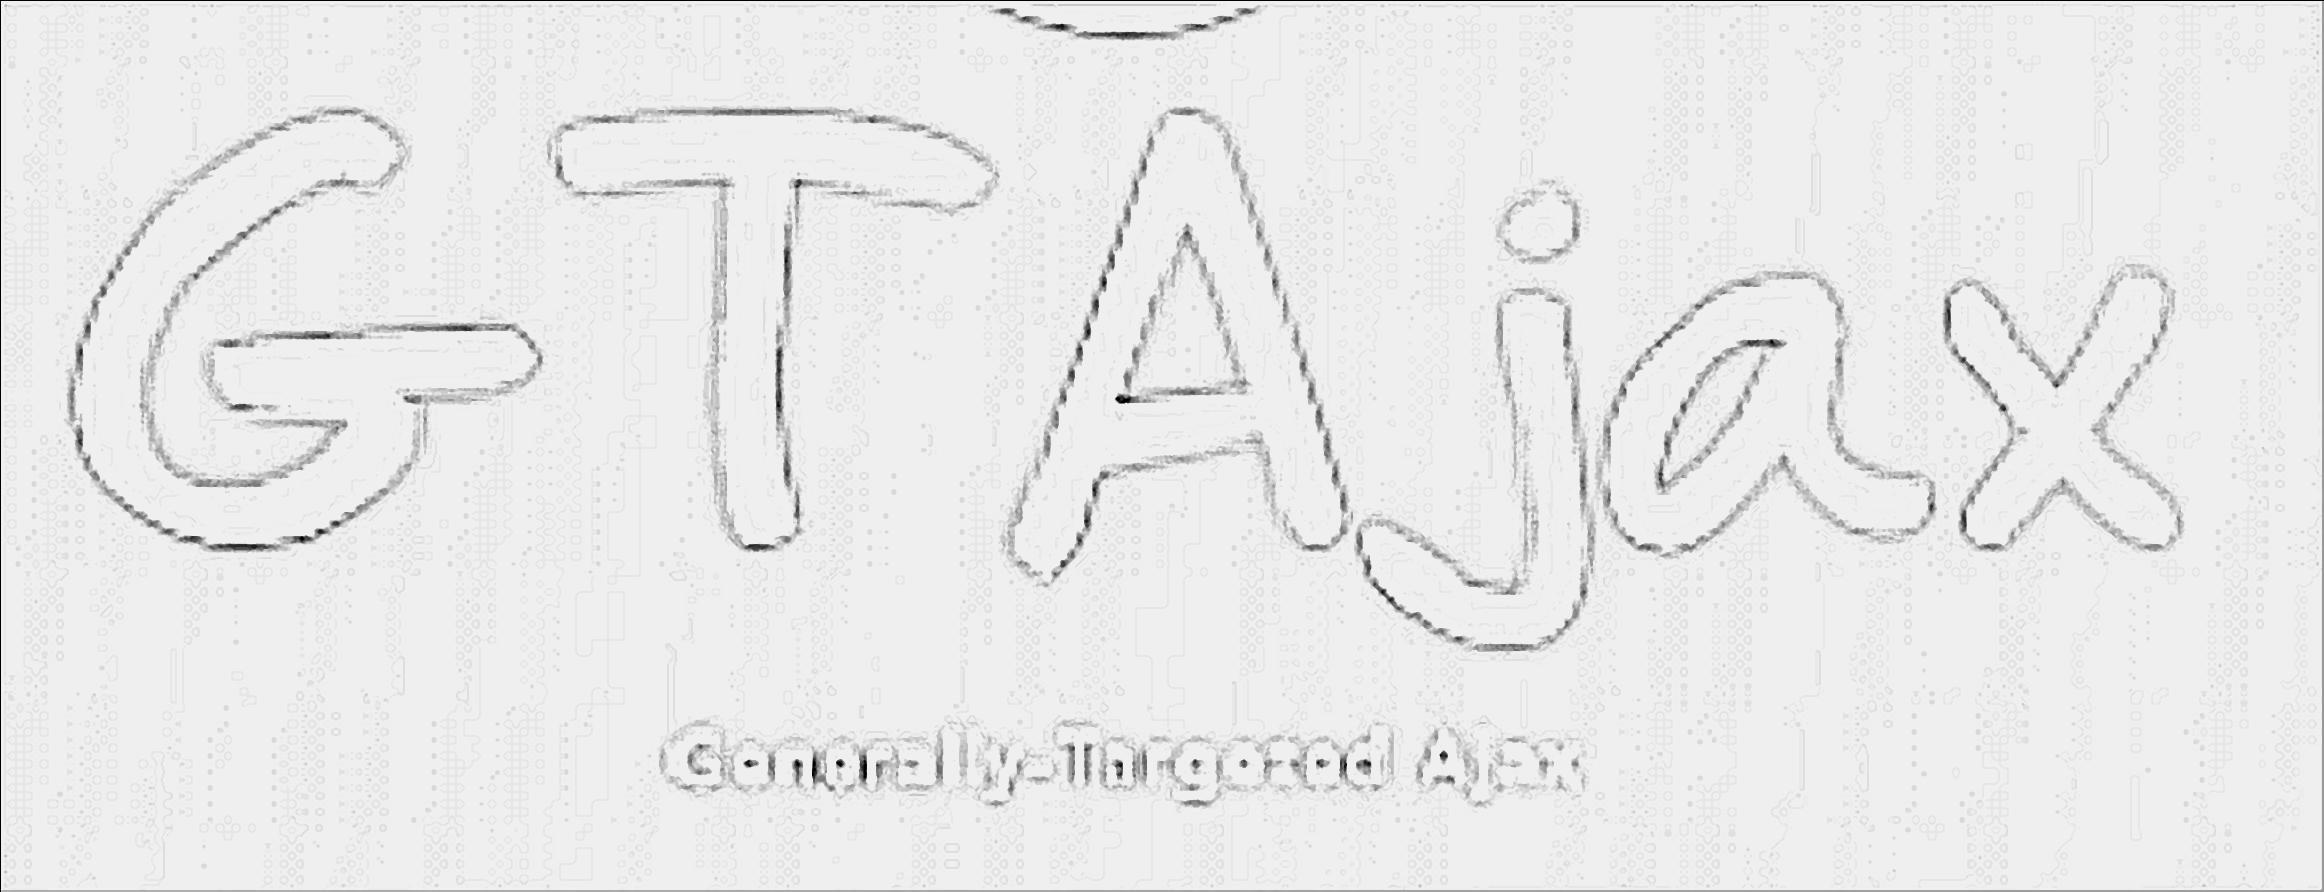 gtajax logo